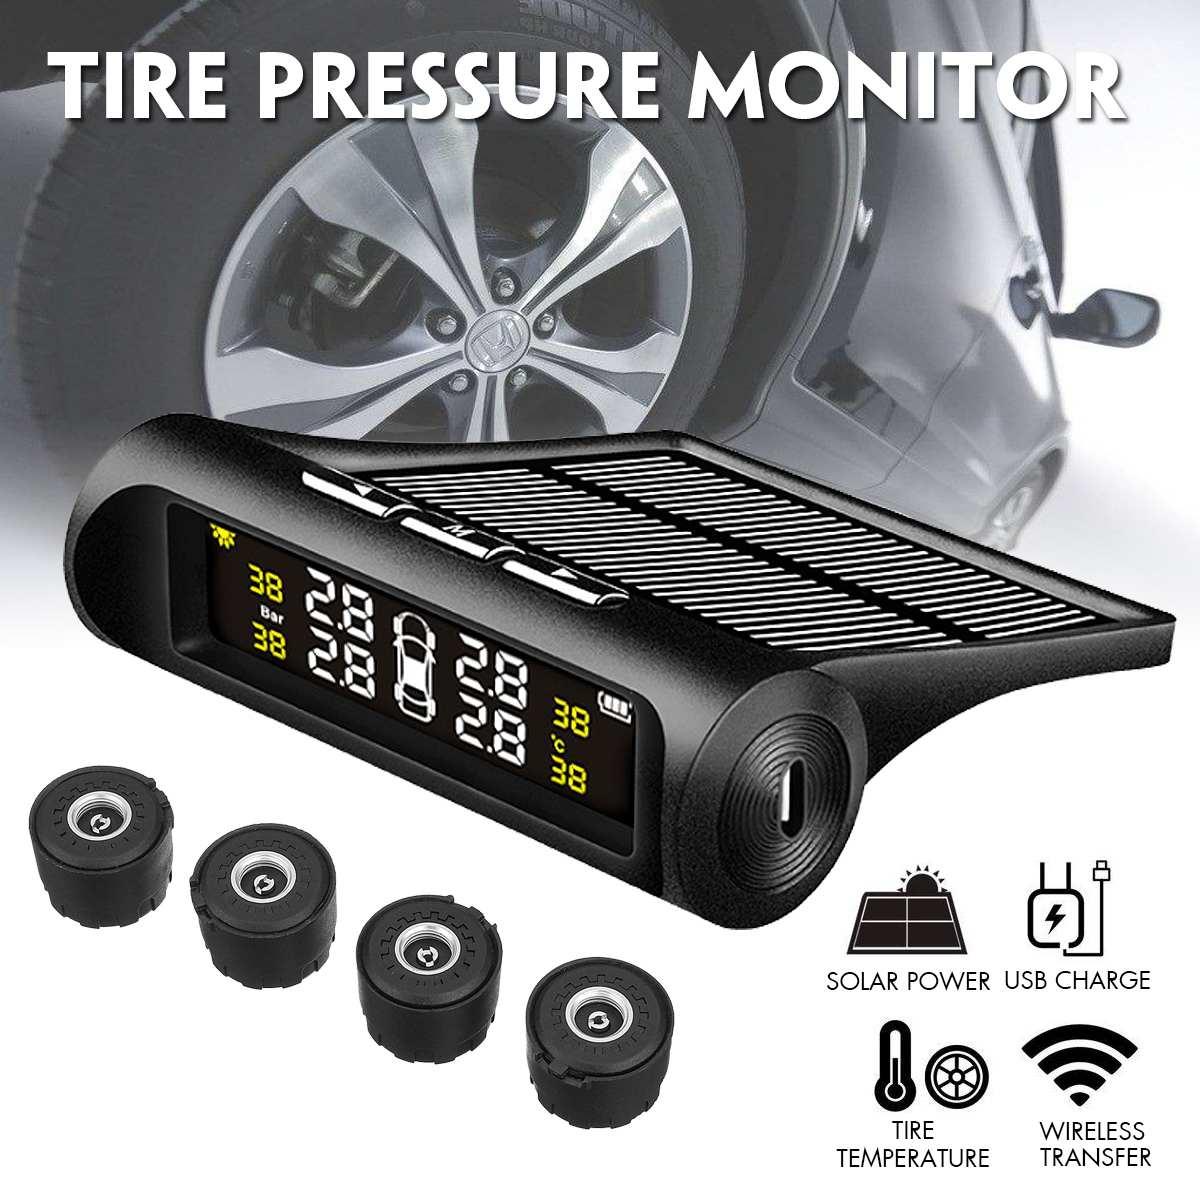 Sistema de supervisión de presión de neumáticos con sistema de supervisión de neumáticos LCD inalámbrico TPMS para coche + 4 monitores IP67 resistentes al agua con Sensor externo para coche y camión